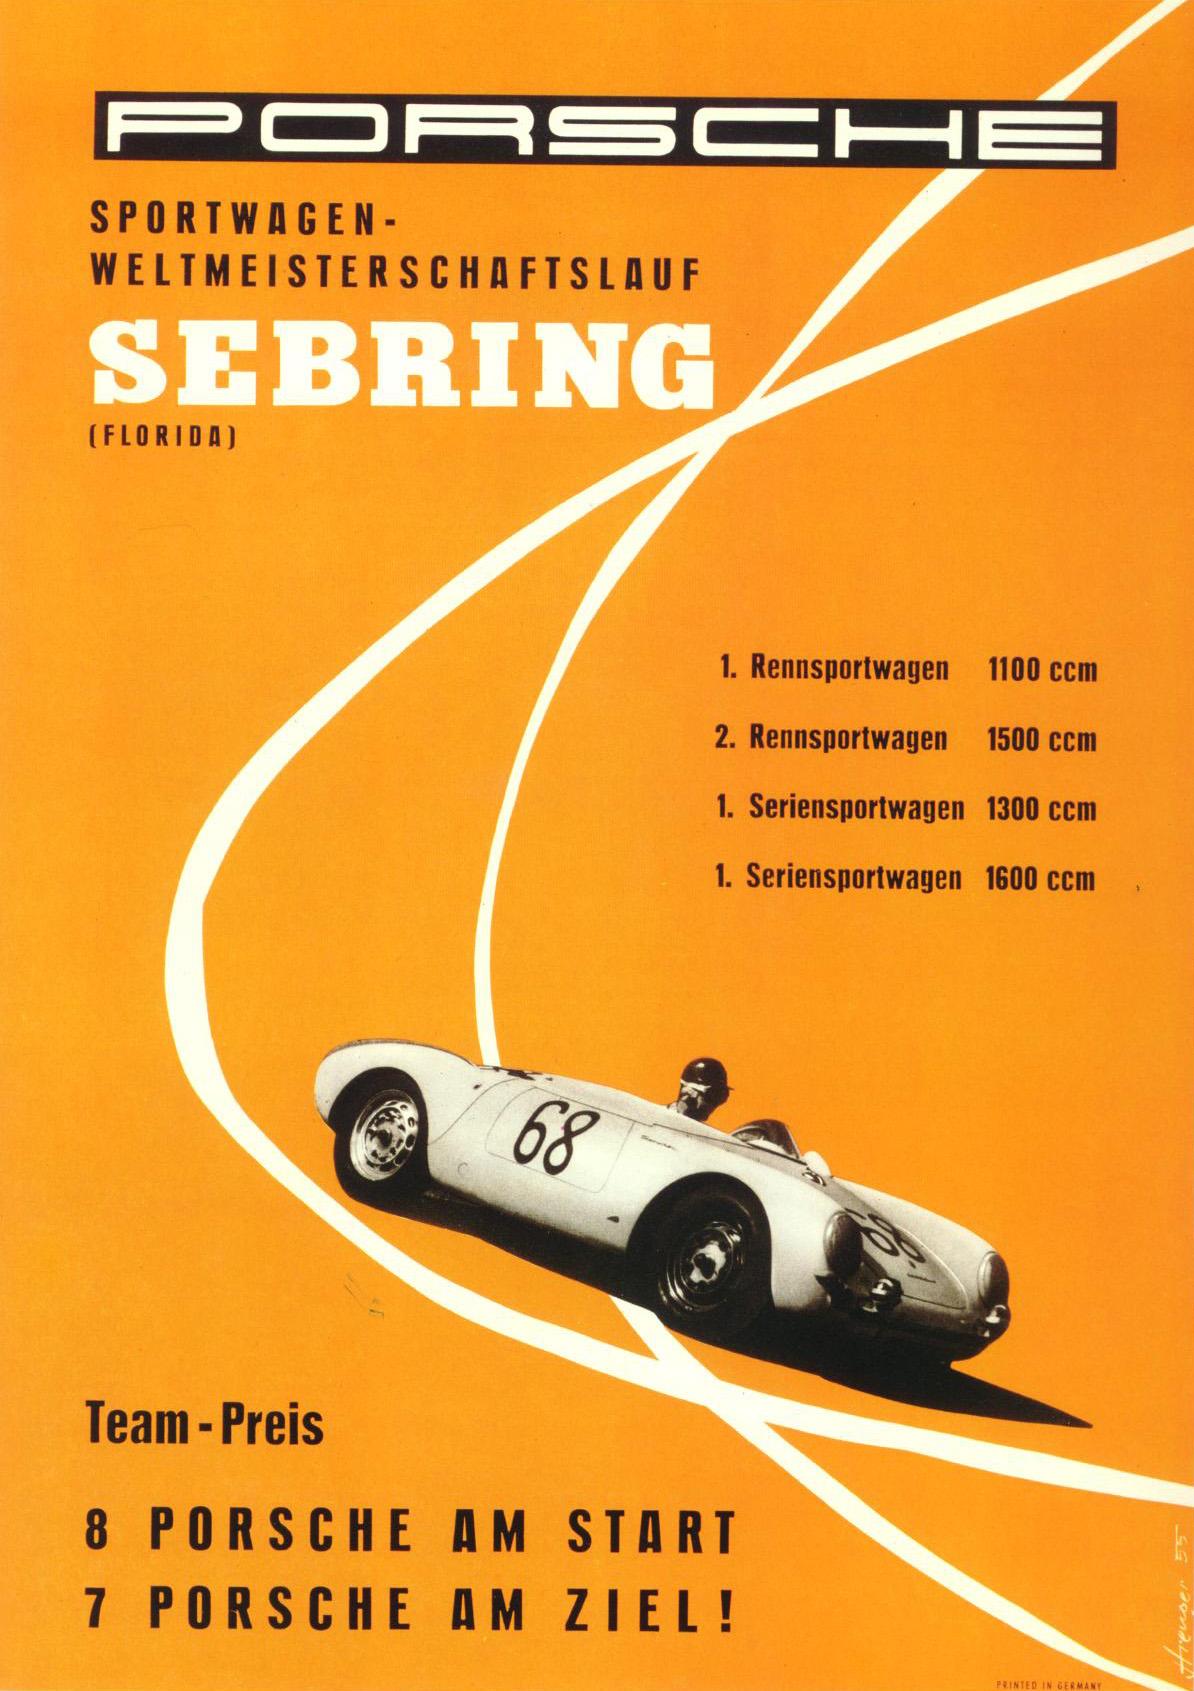 Porsche Racing Poster Collection 187 Iso50 Blog The Blog